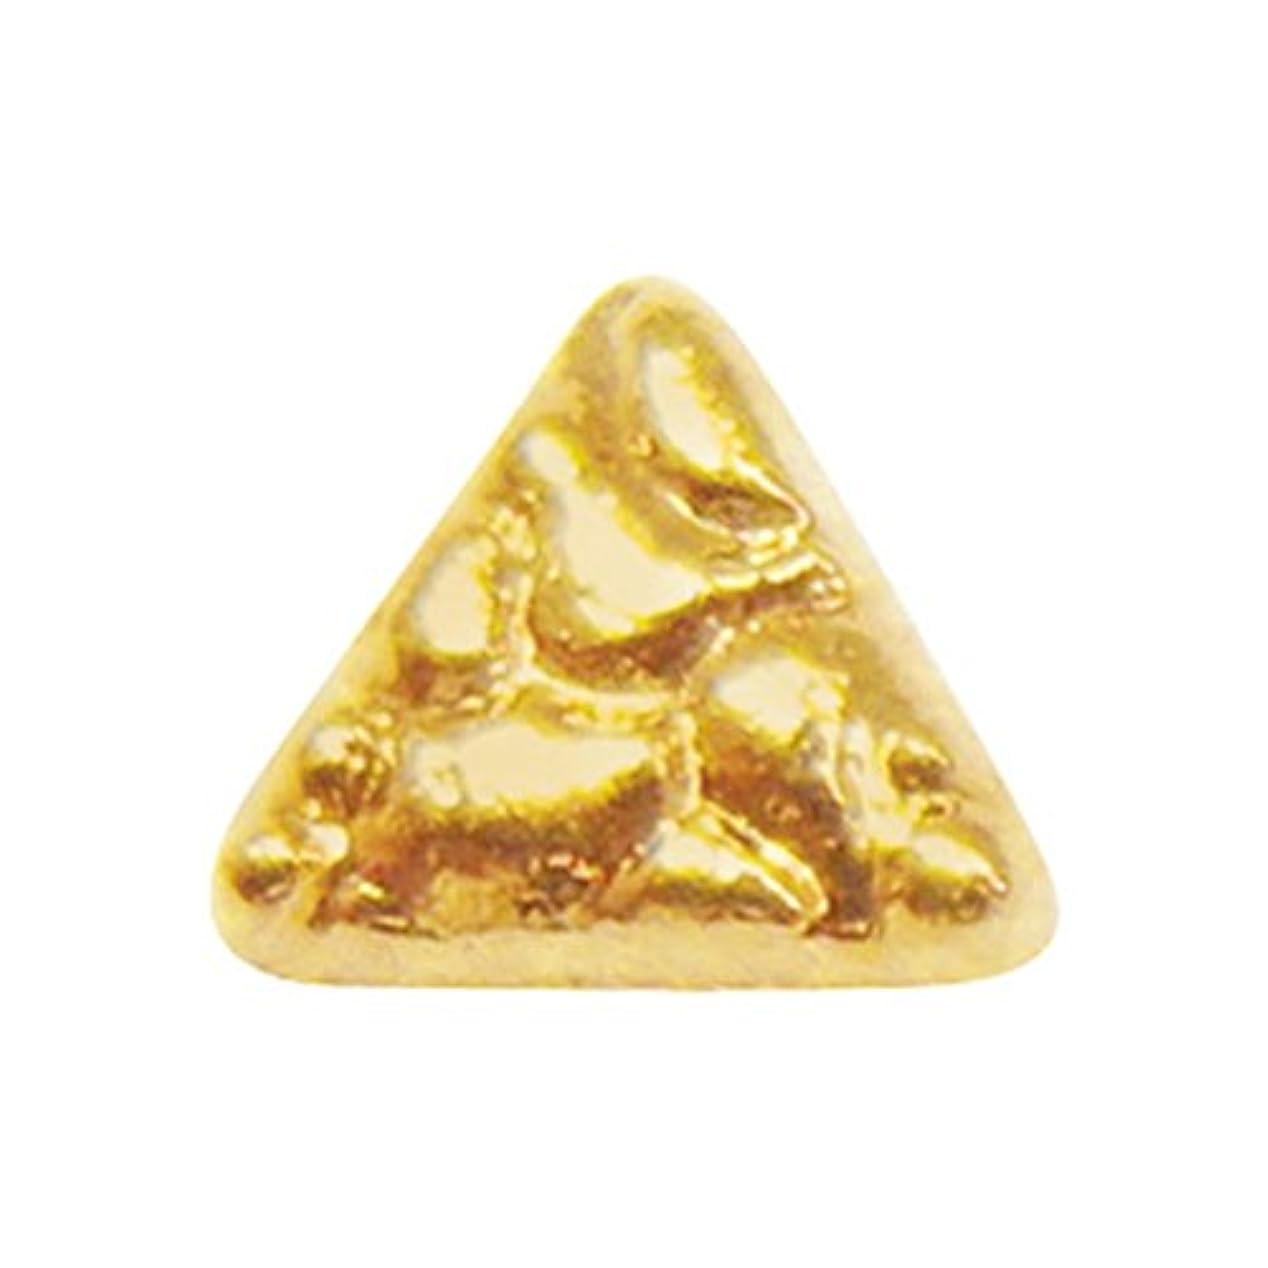 戸口ペアブロックするジェルネイル  サンシャインベビー アンティーク トライアングル(ゴールド) 10P